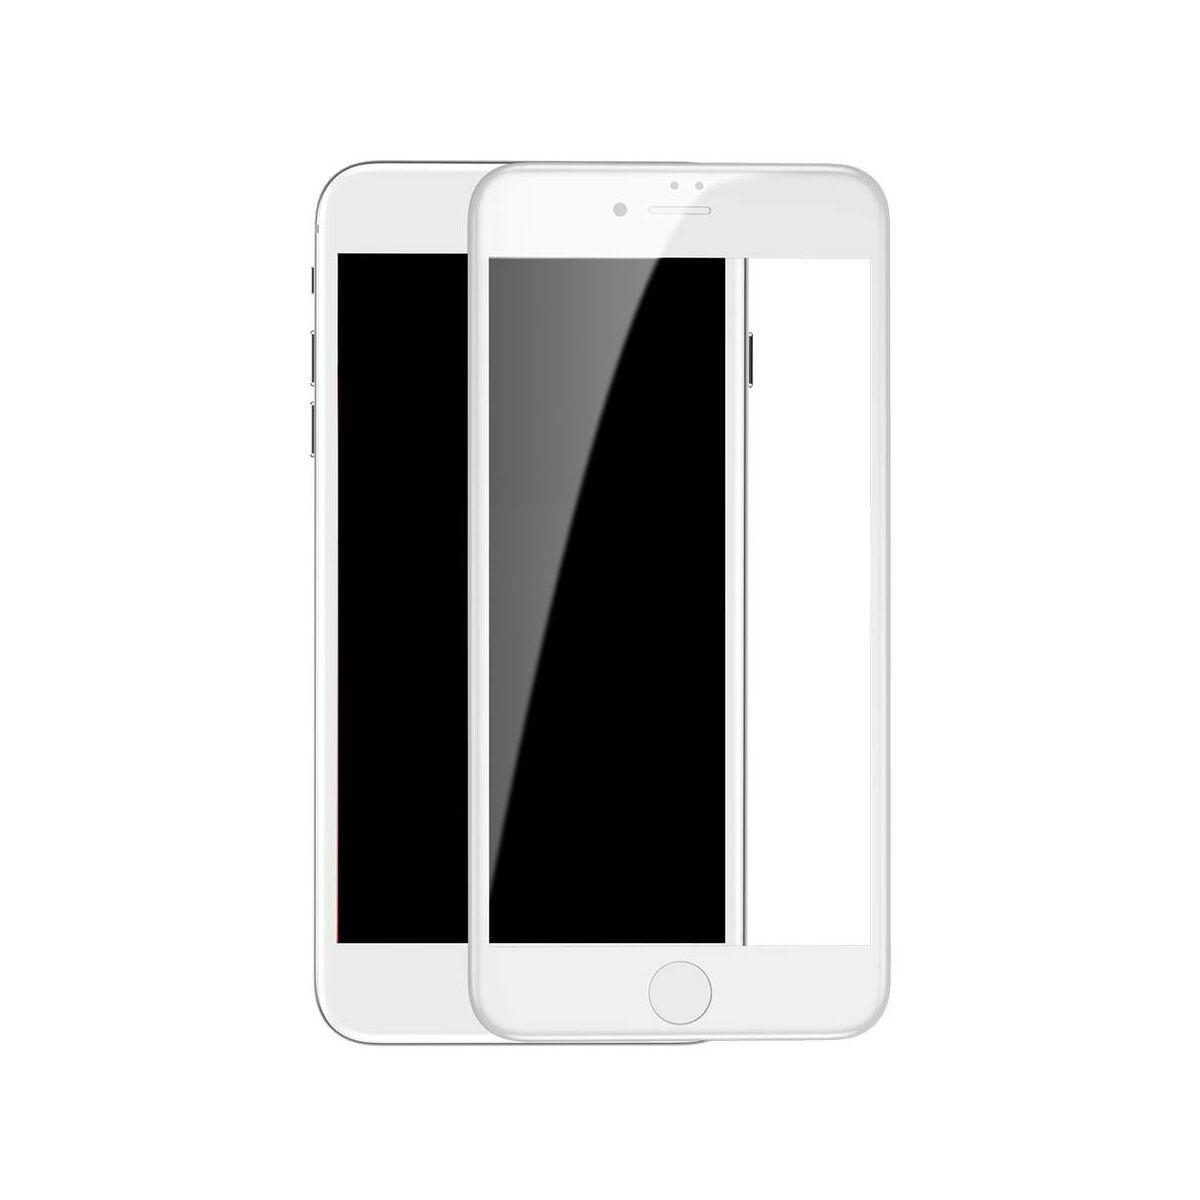 Baseus iPhone 8/7 Plus 0.3 mm, teljes felületre edzett üveg kijelzővédő fólia, fehér (SGAPIPH8P-KA02)